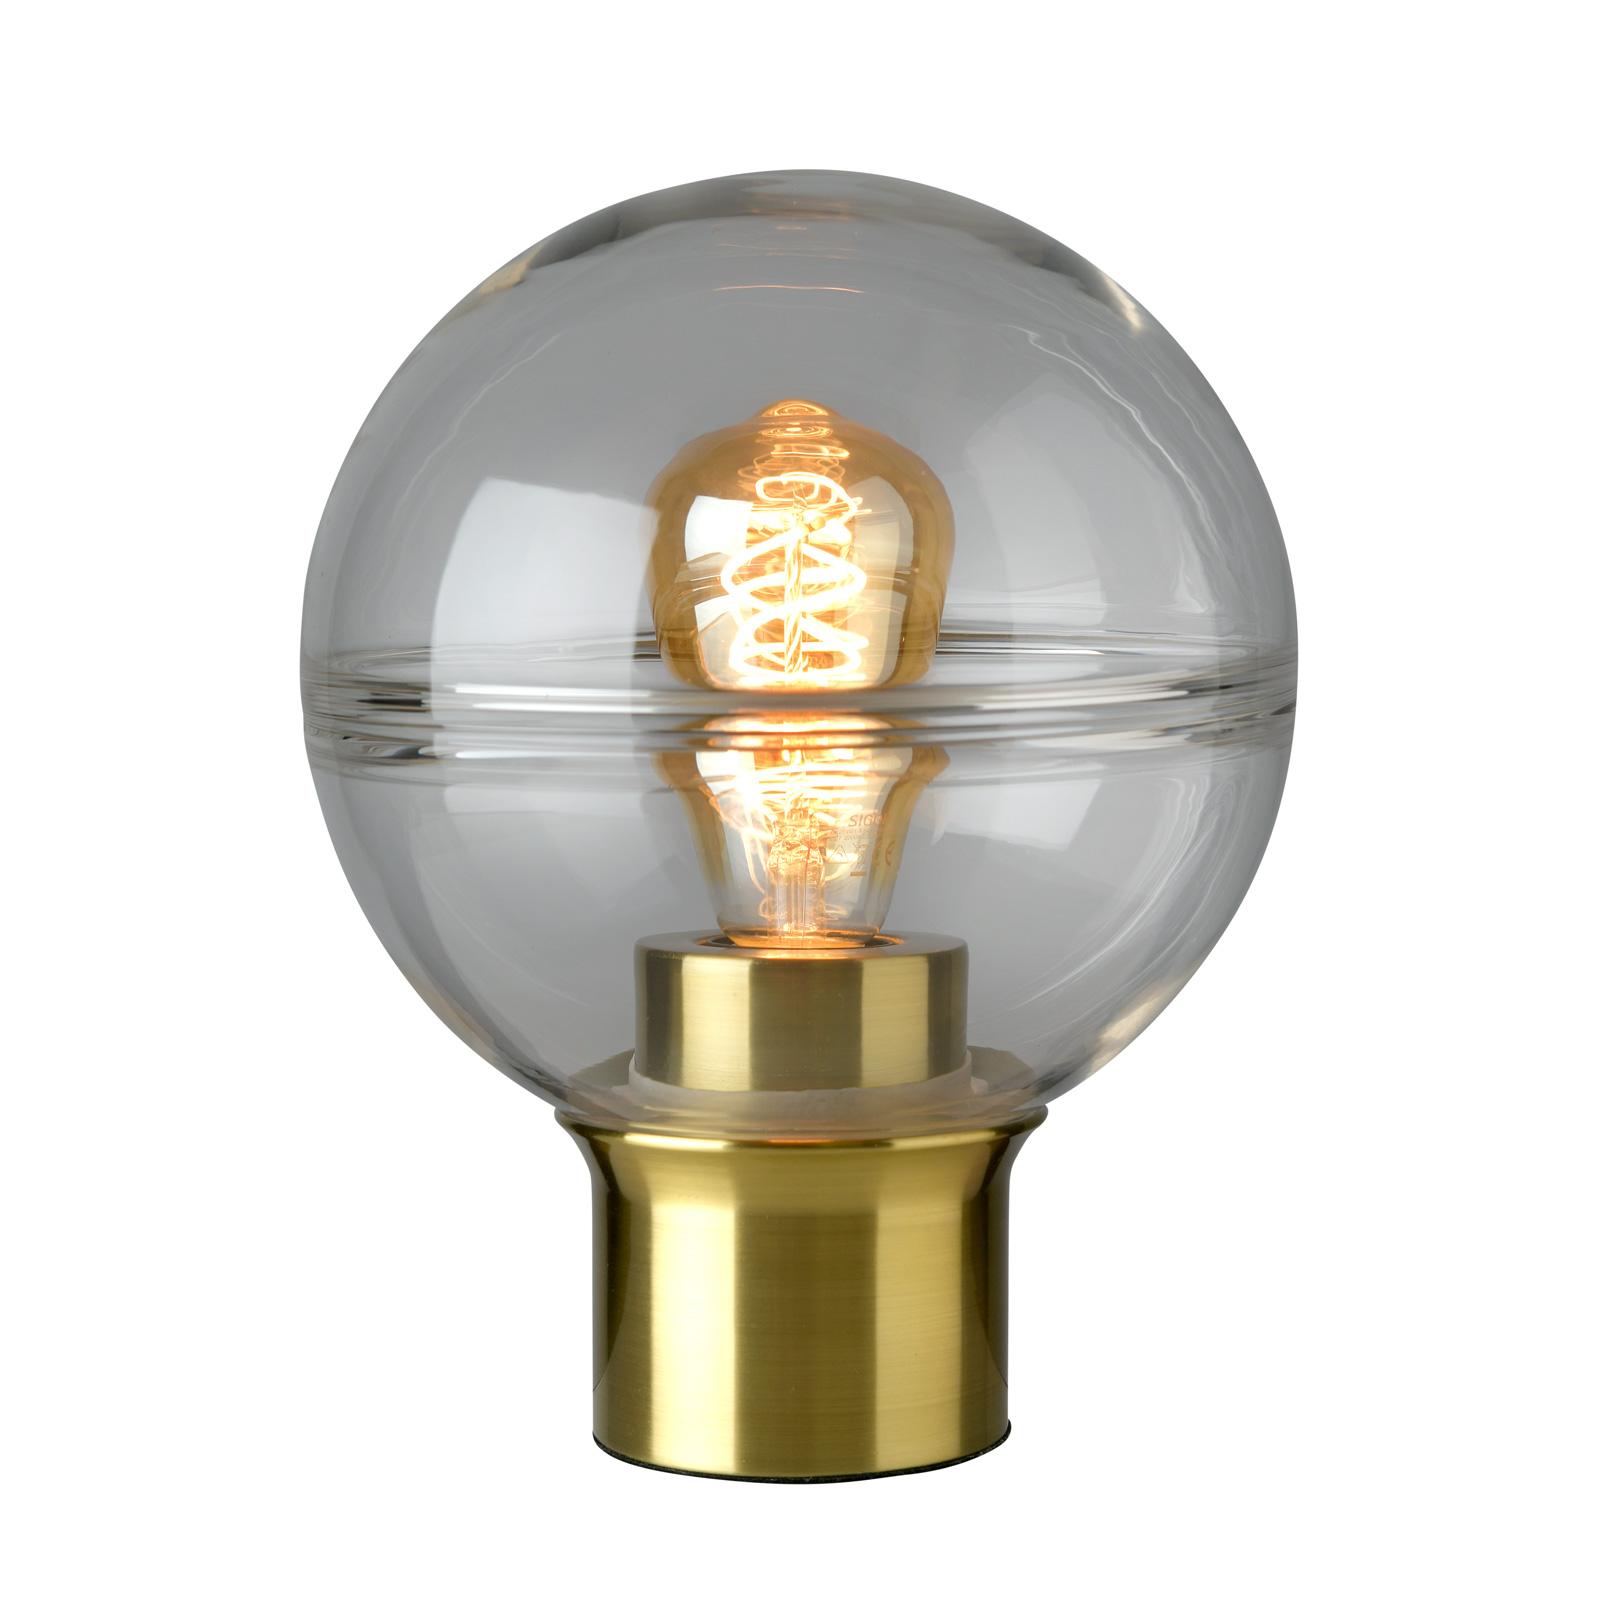 Villeroy & Boch Tokio pöytälamppu, kulta Ø 20 cm